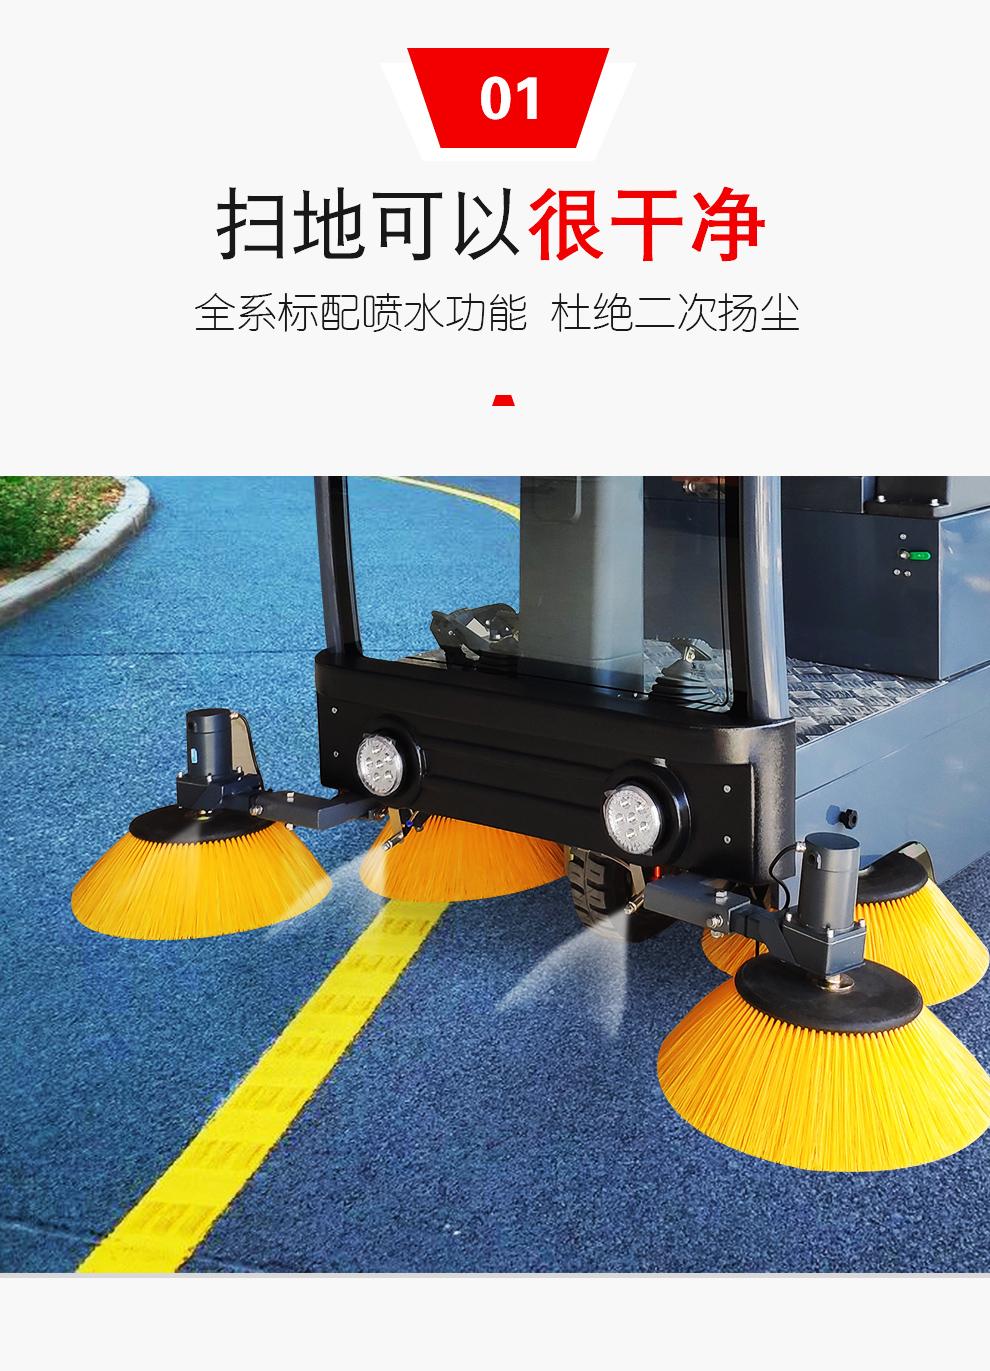 鼎洁盛世DJ1900Z电动扫地车工厂仓库地下车库清扫车详情页_02